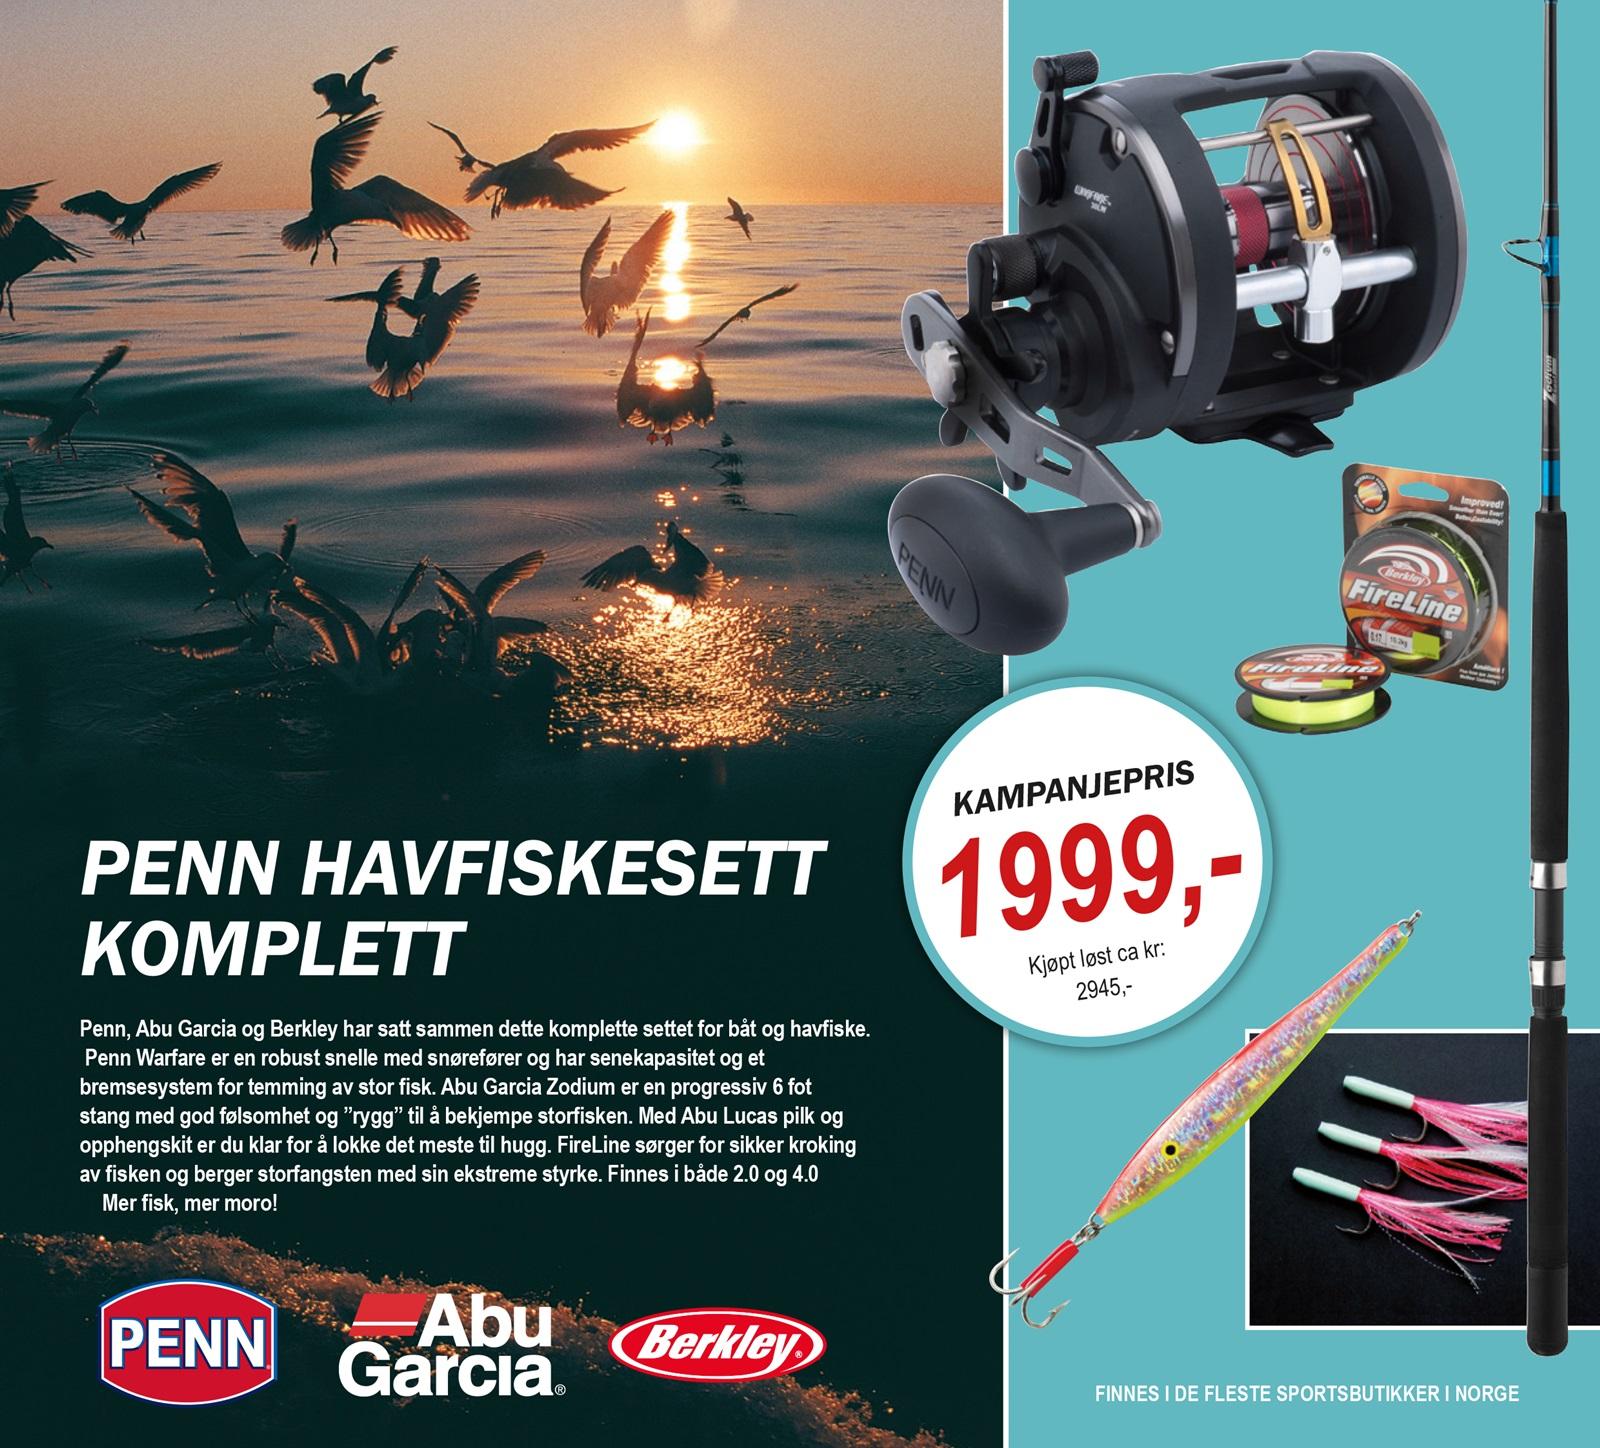 Penn havfiskesett komplett